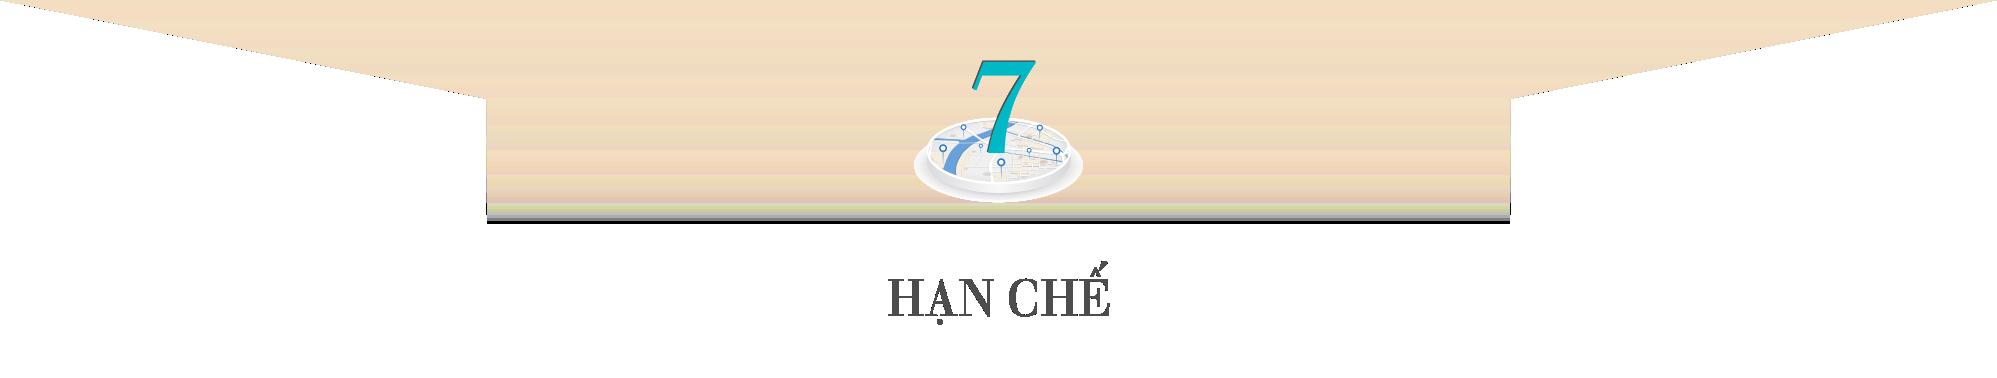 Vùng qui hoạch đẹp Keangnam: Hàng loạt doanh nghiệp lớn đổ về đầu tư, nhiều công trình nổi tiếng thế giới - Ảnh 25.